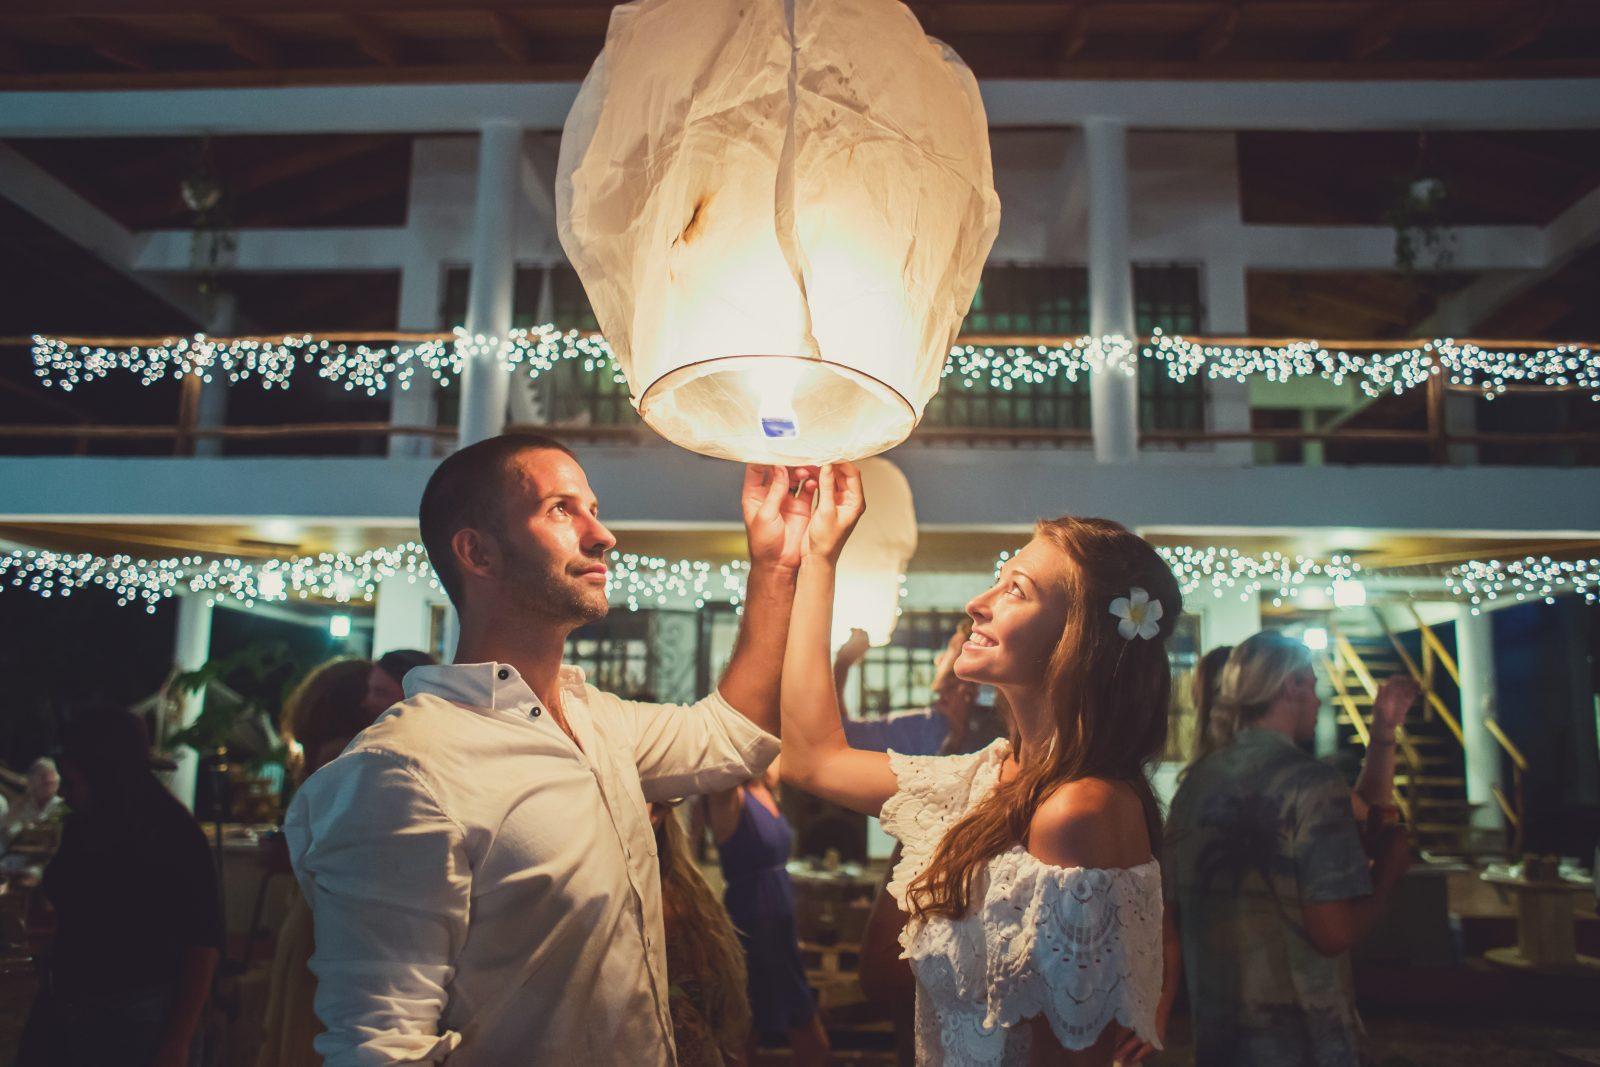 Max & Oksana making new years wish with Chinese lanterns. Costa Rica